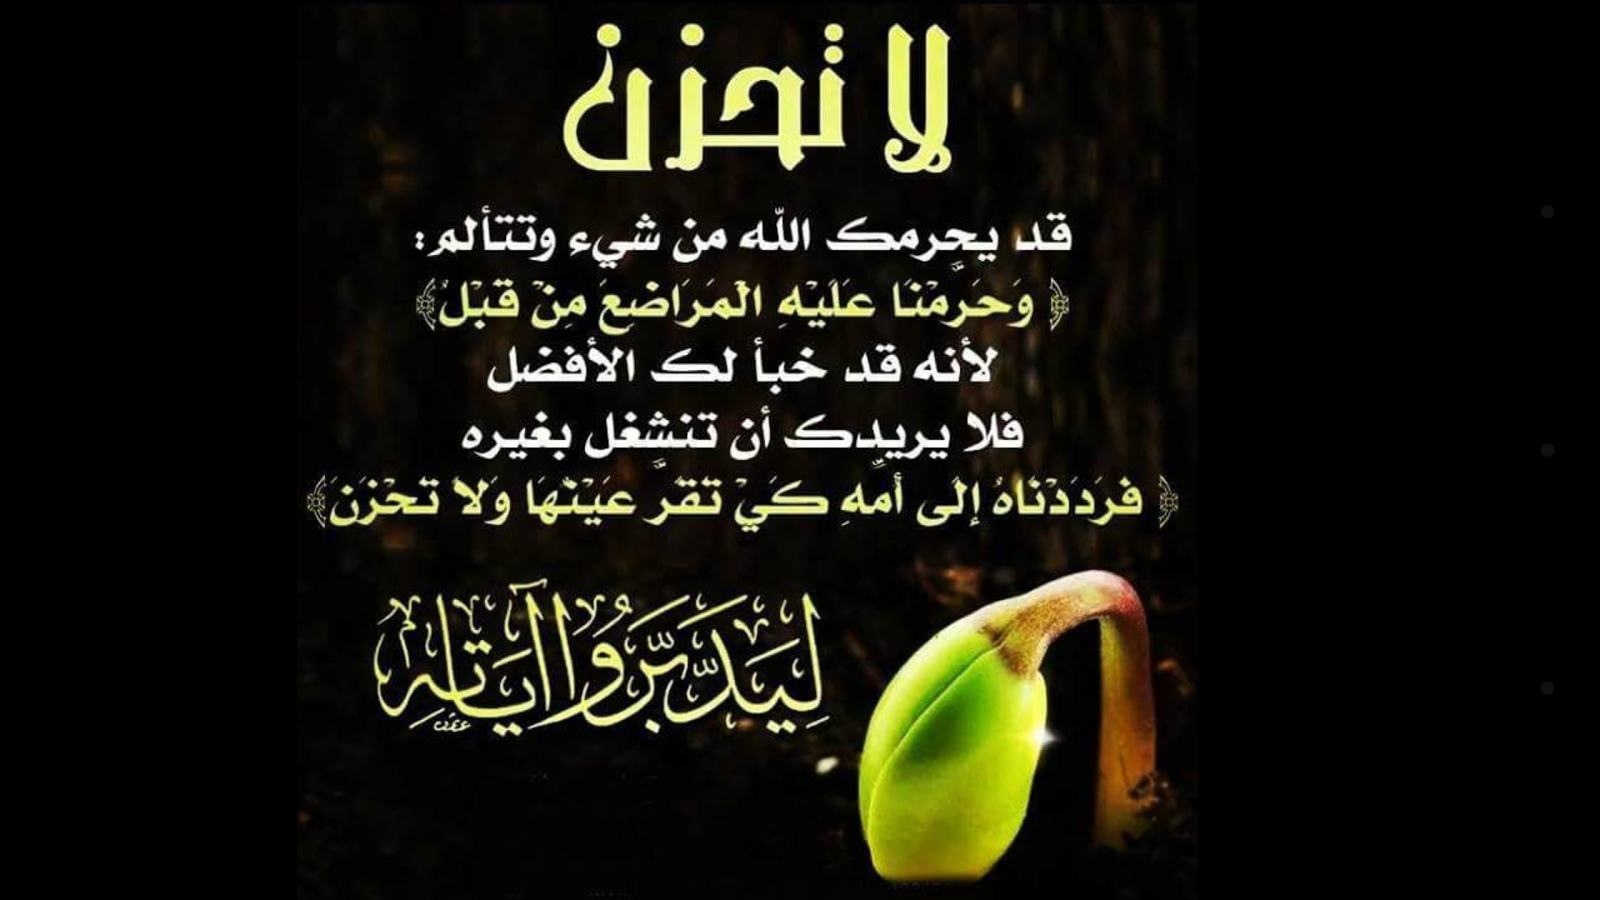 بالصور صور اسلاميه , صور اسلاميه روعه للعبره 5789 3